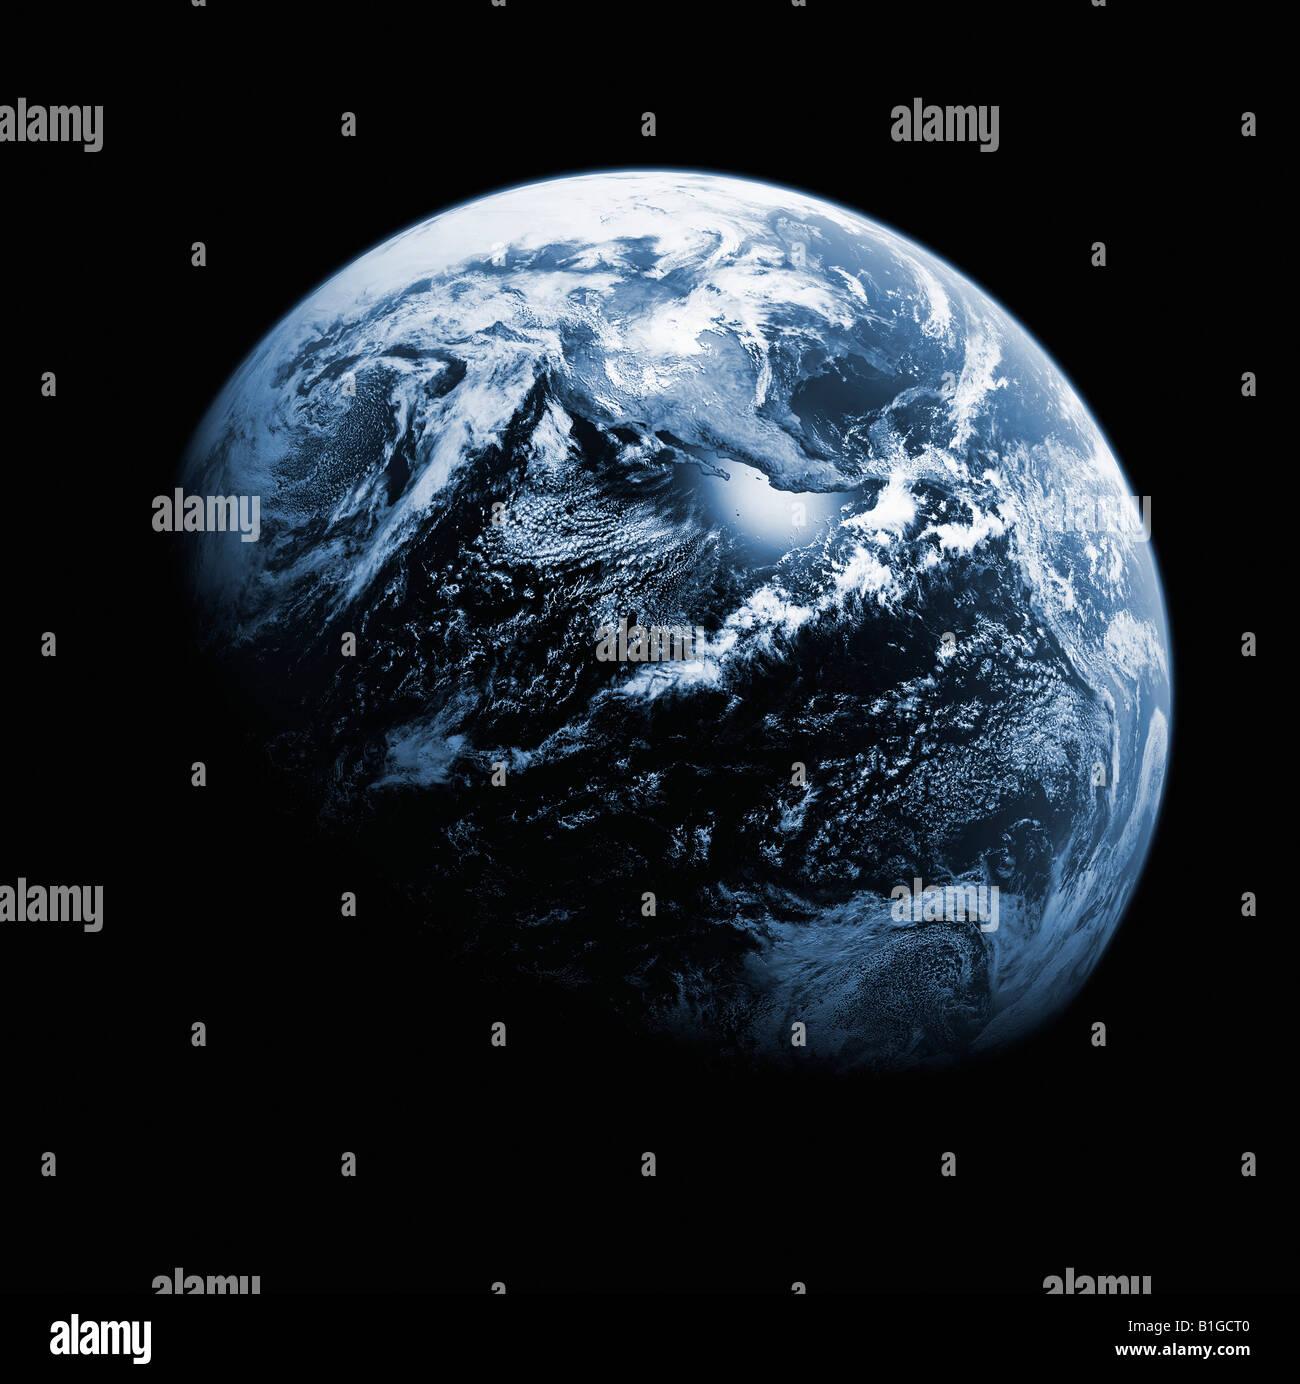 Immagine satellitare della Terra dallo spazio Immagini Stock